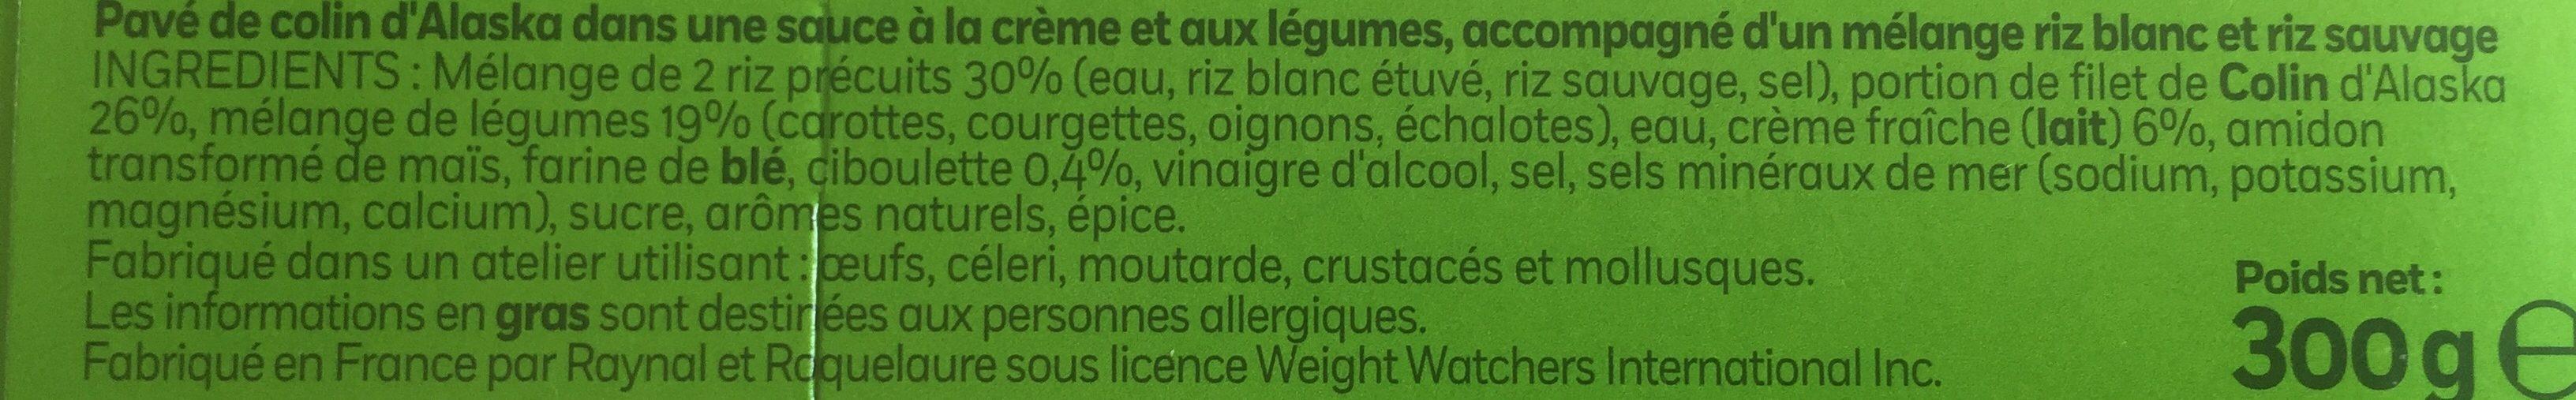 Pavé de Colin, Légumes cuisinés à la crème  & riz (2,2 % MG) - Ingrédients - fr